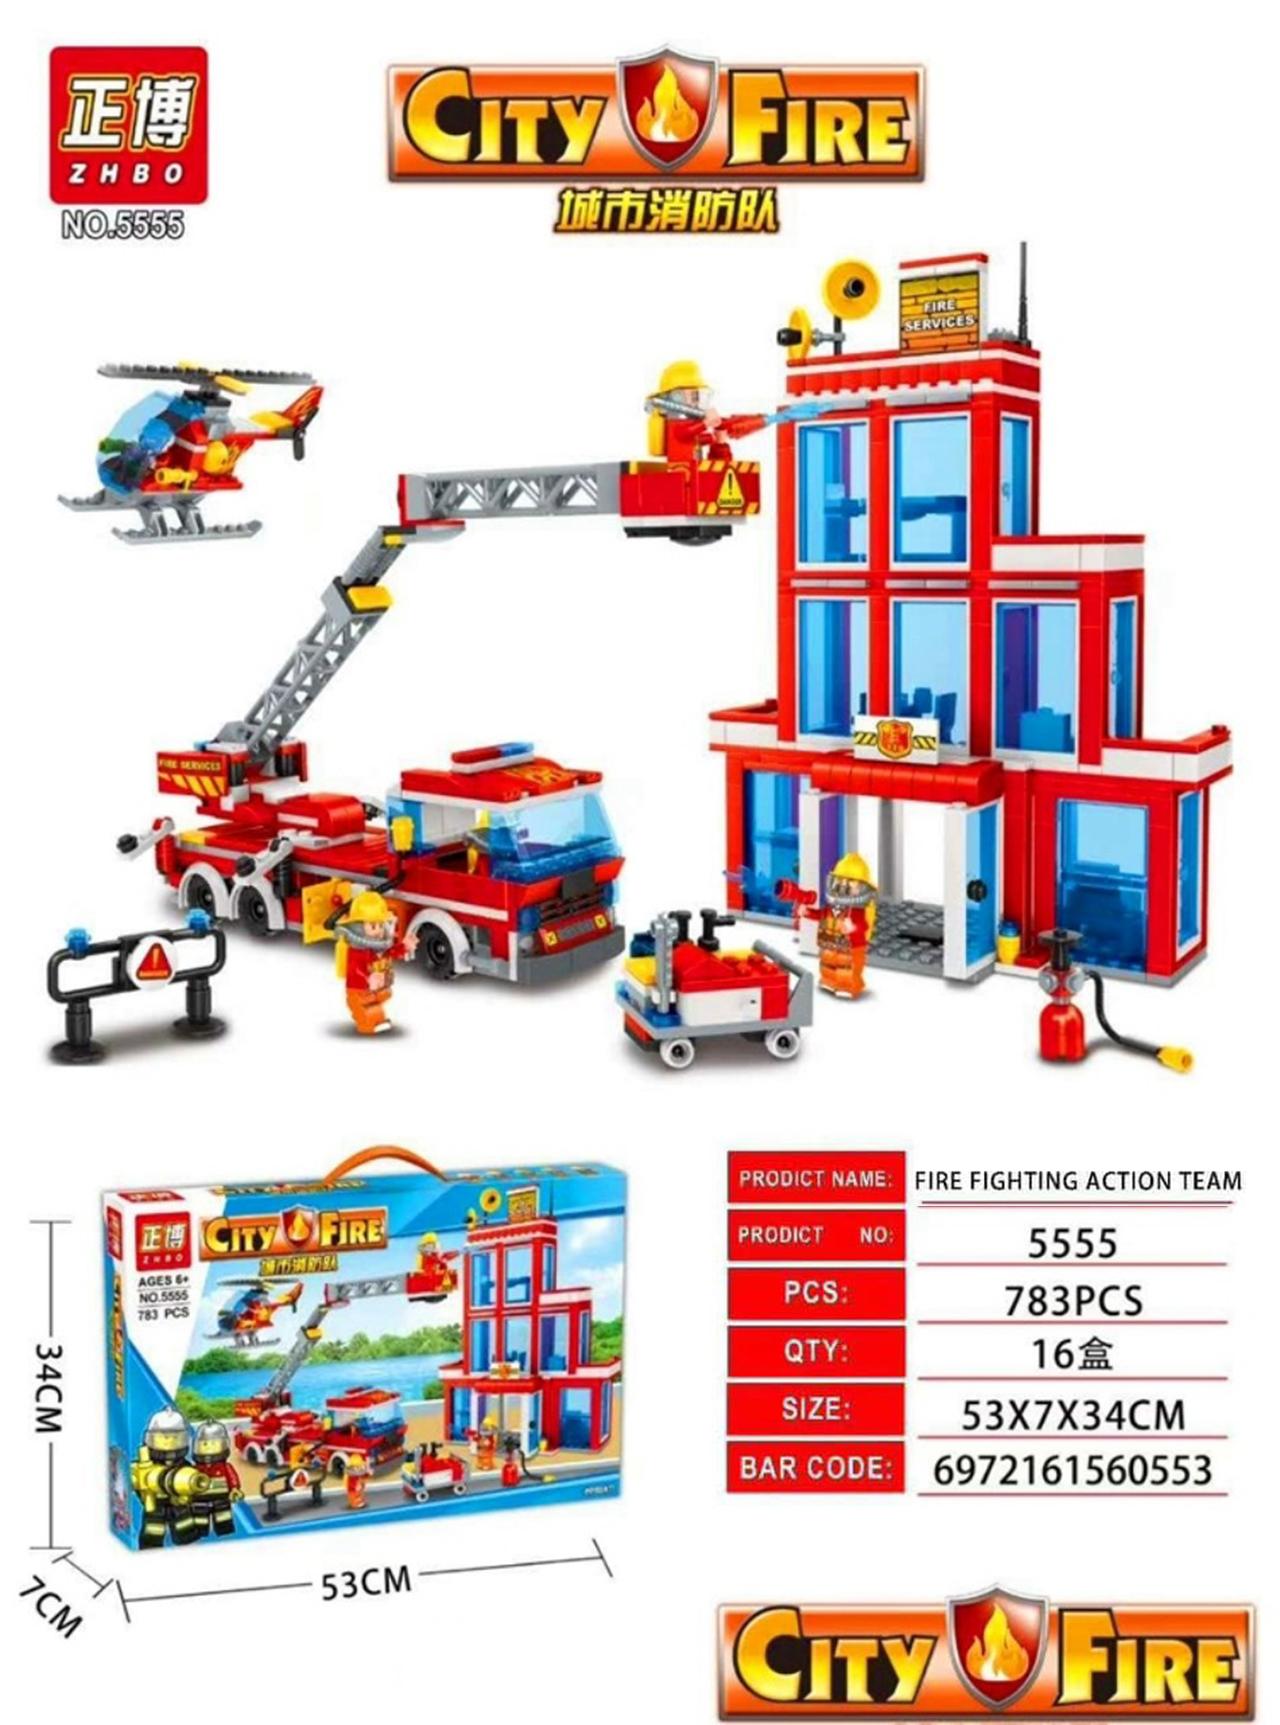 Lắp ráp Lego Fire Trạm Cứu Hỏa - ZHBO 5555